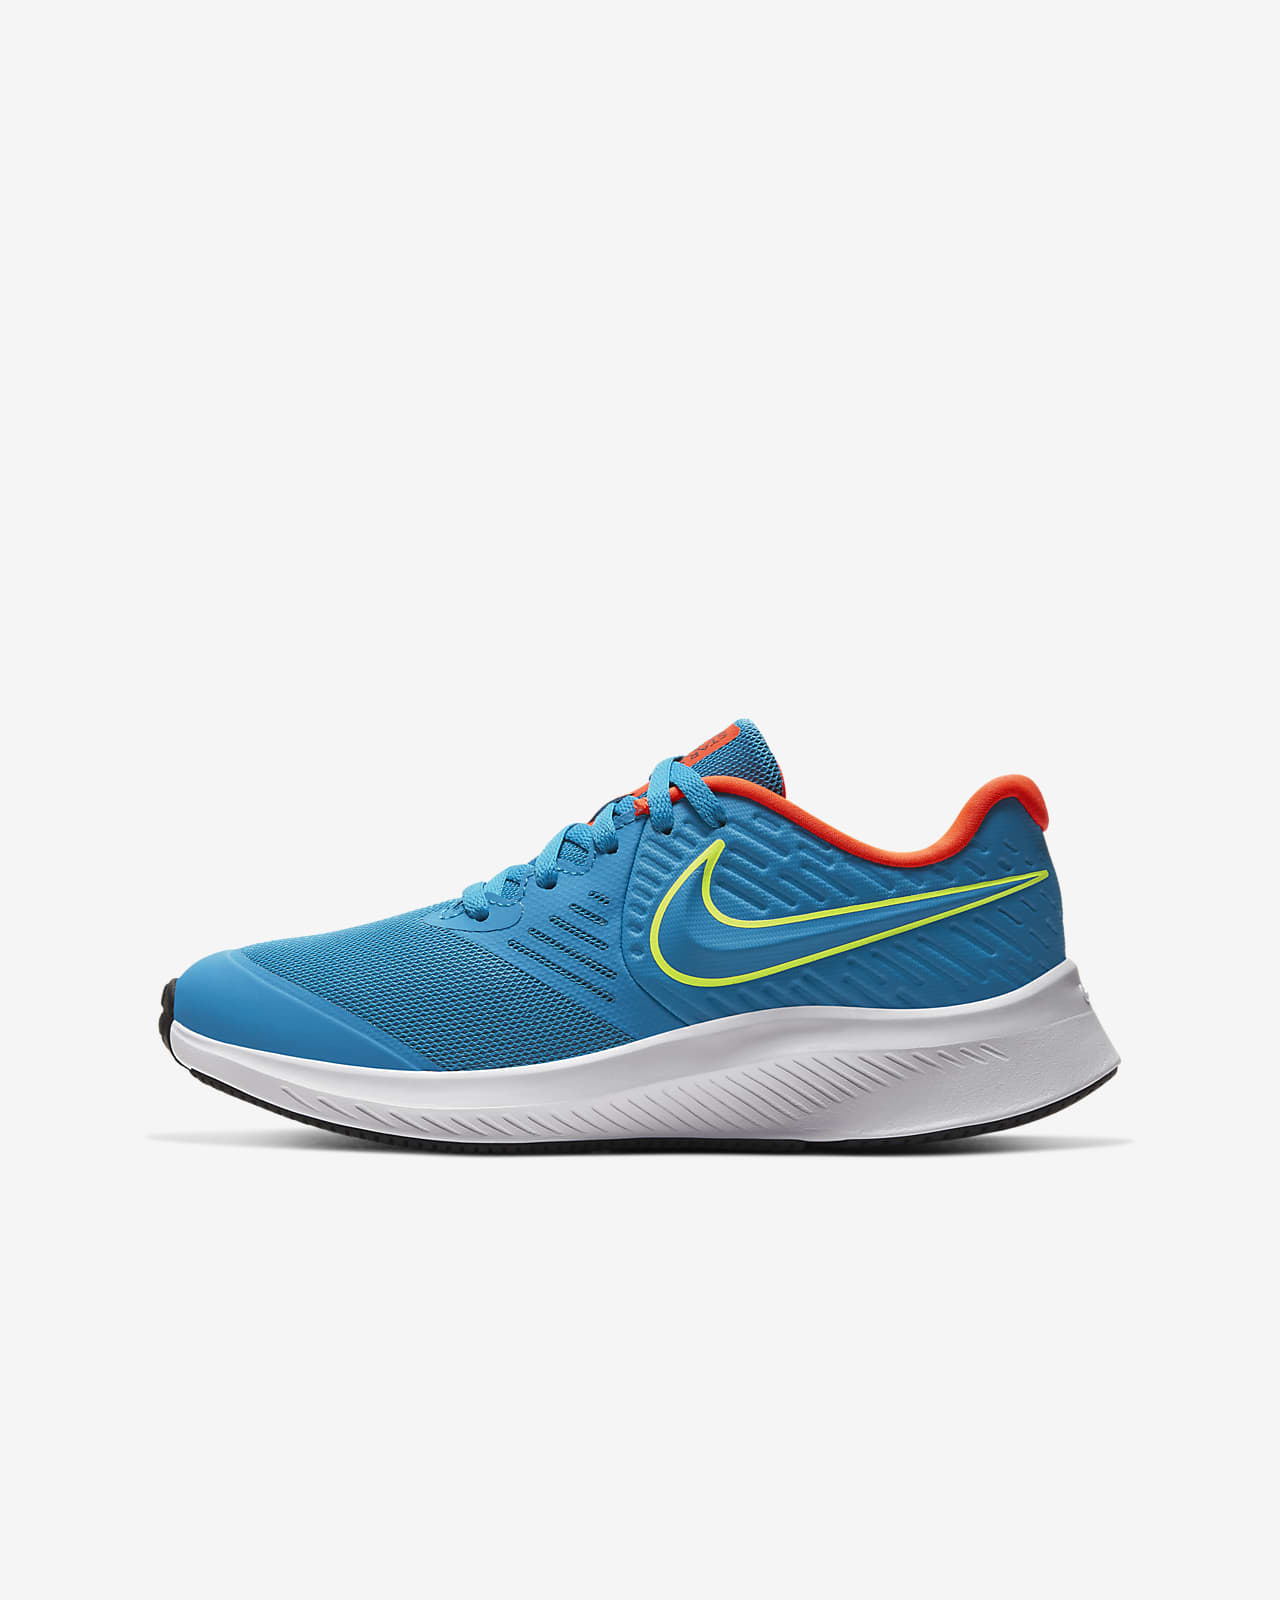 Nike Star Runner 2 Older Kids' Road Running Shoes